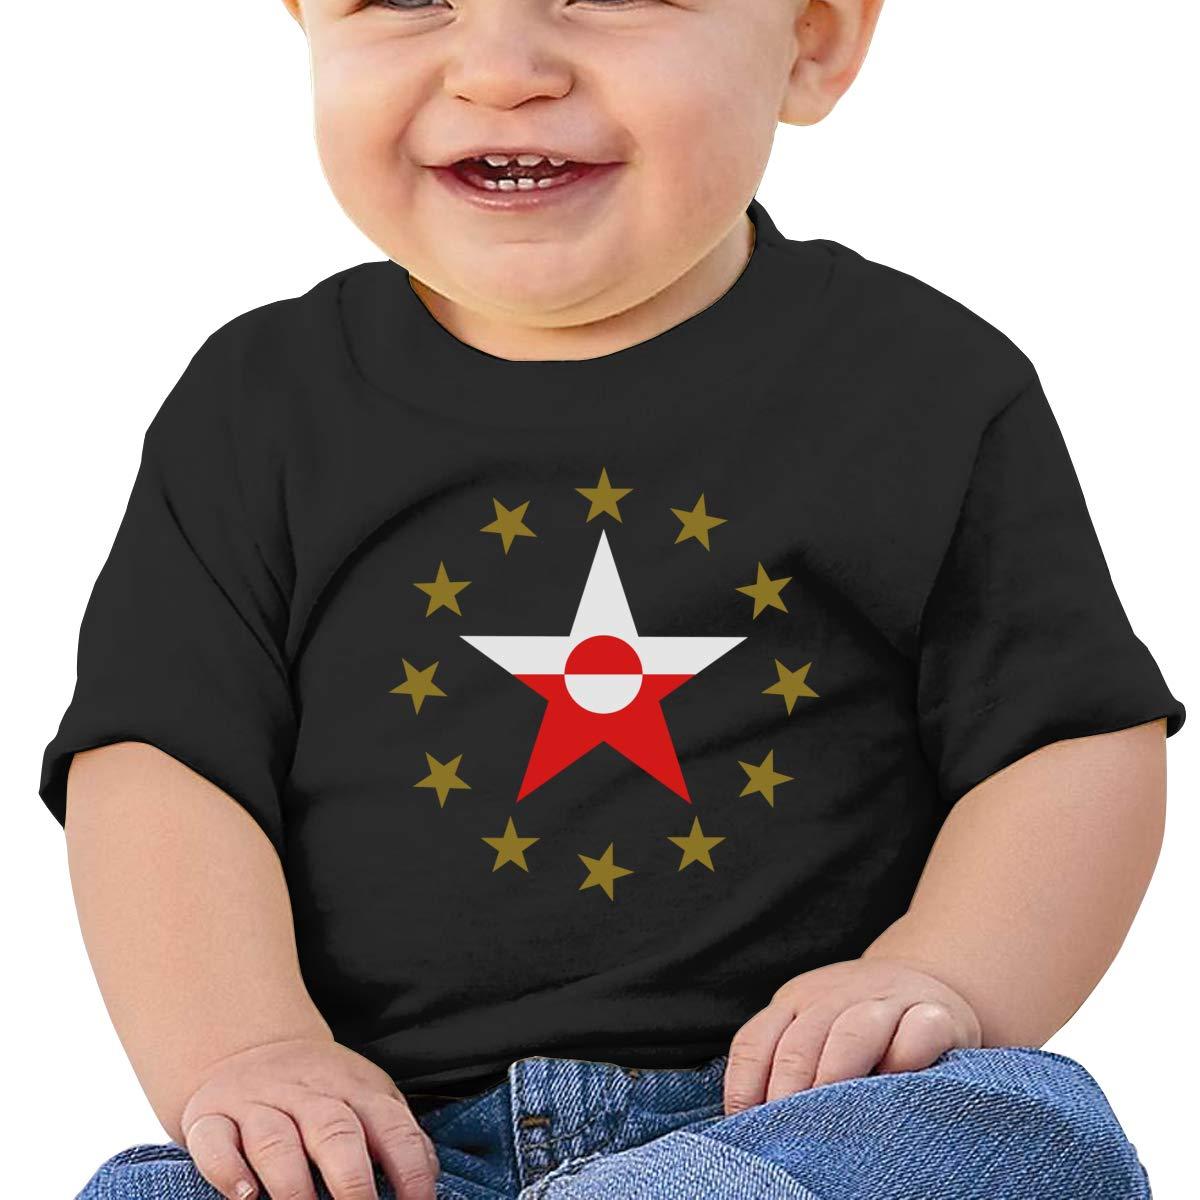 Qiop Nee Greenland Stars Short-Sleeve Tshirts Baby Boys